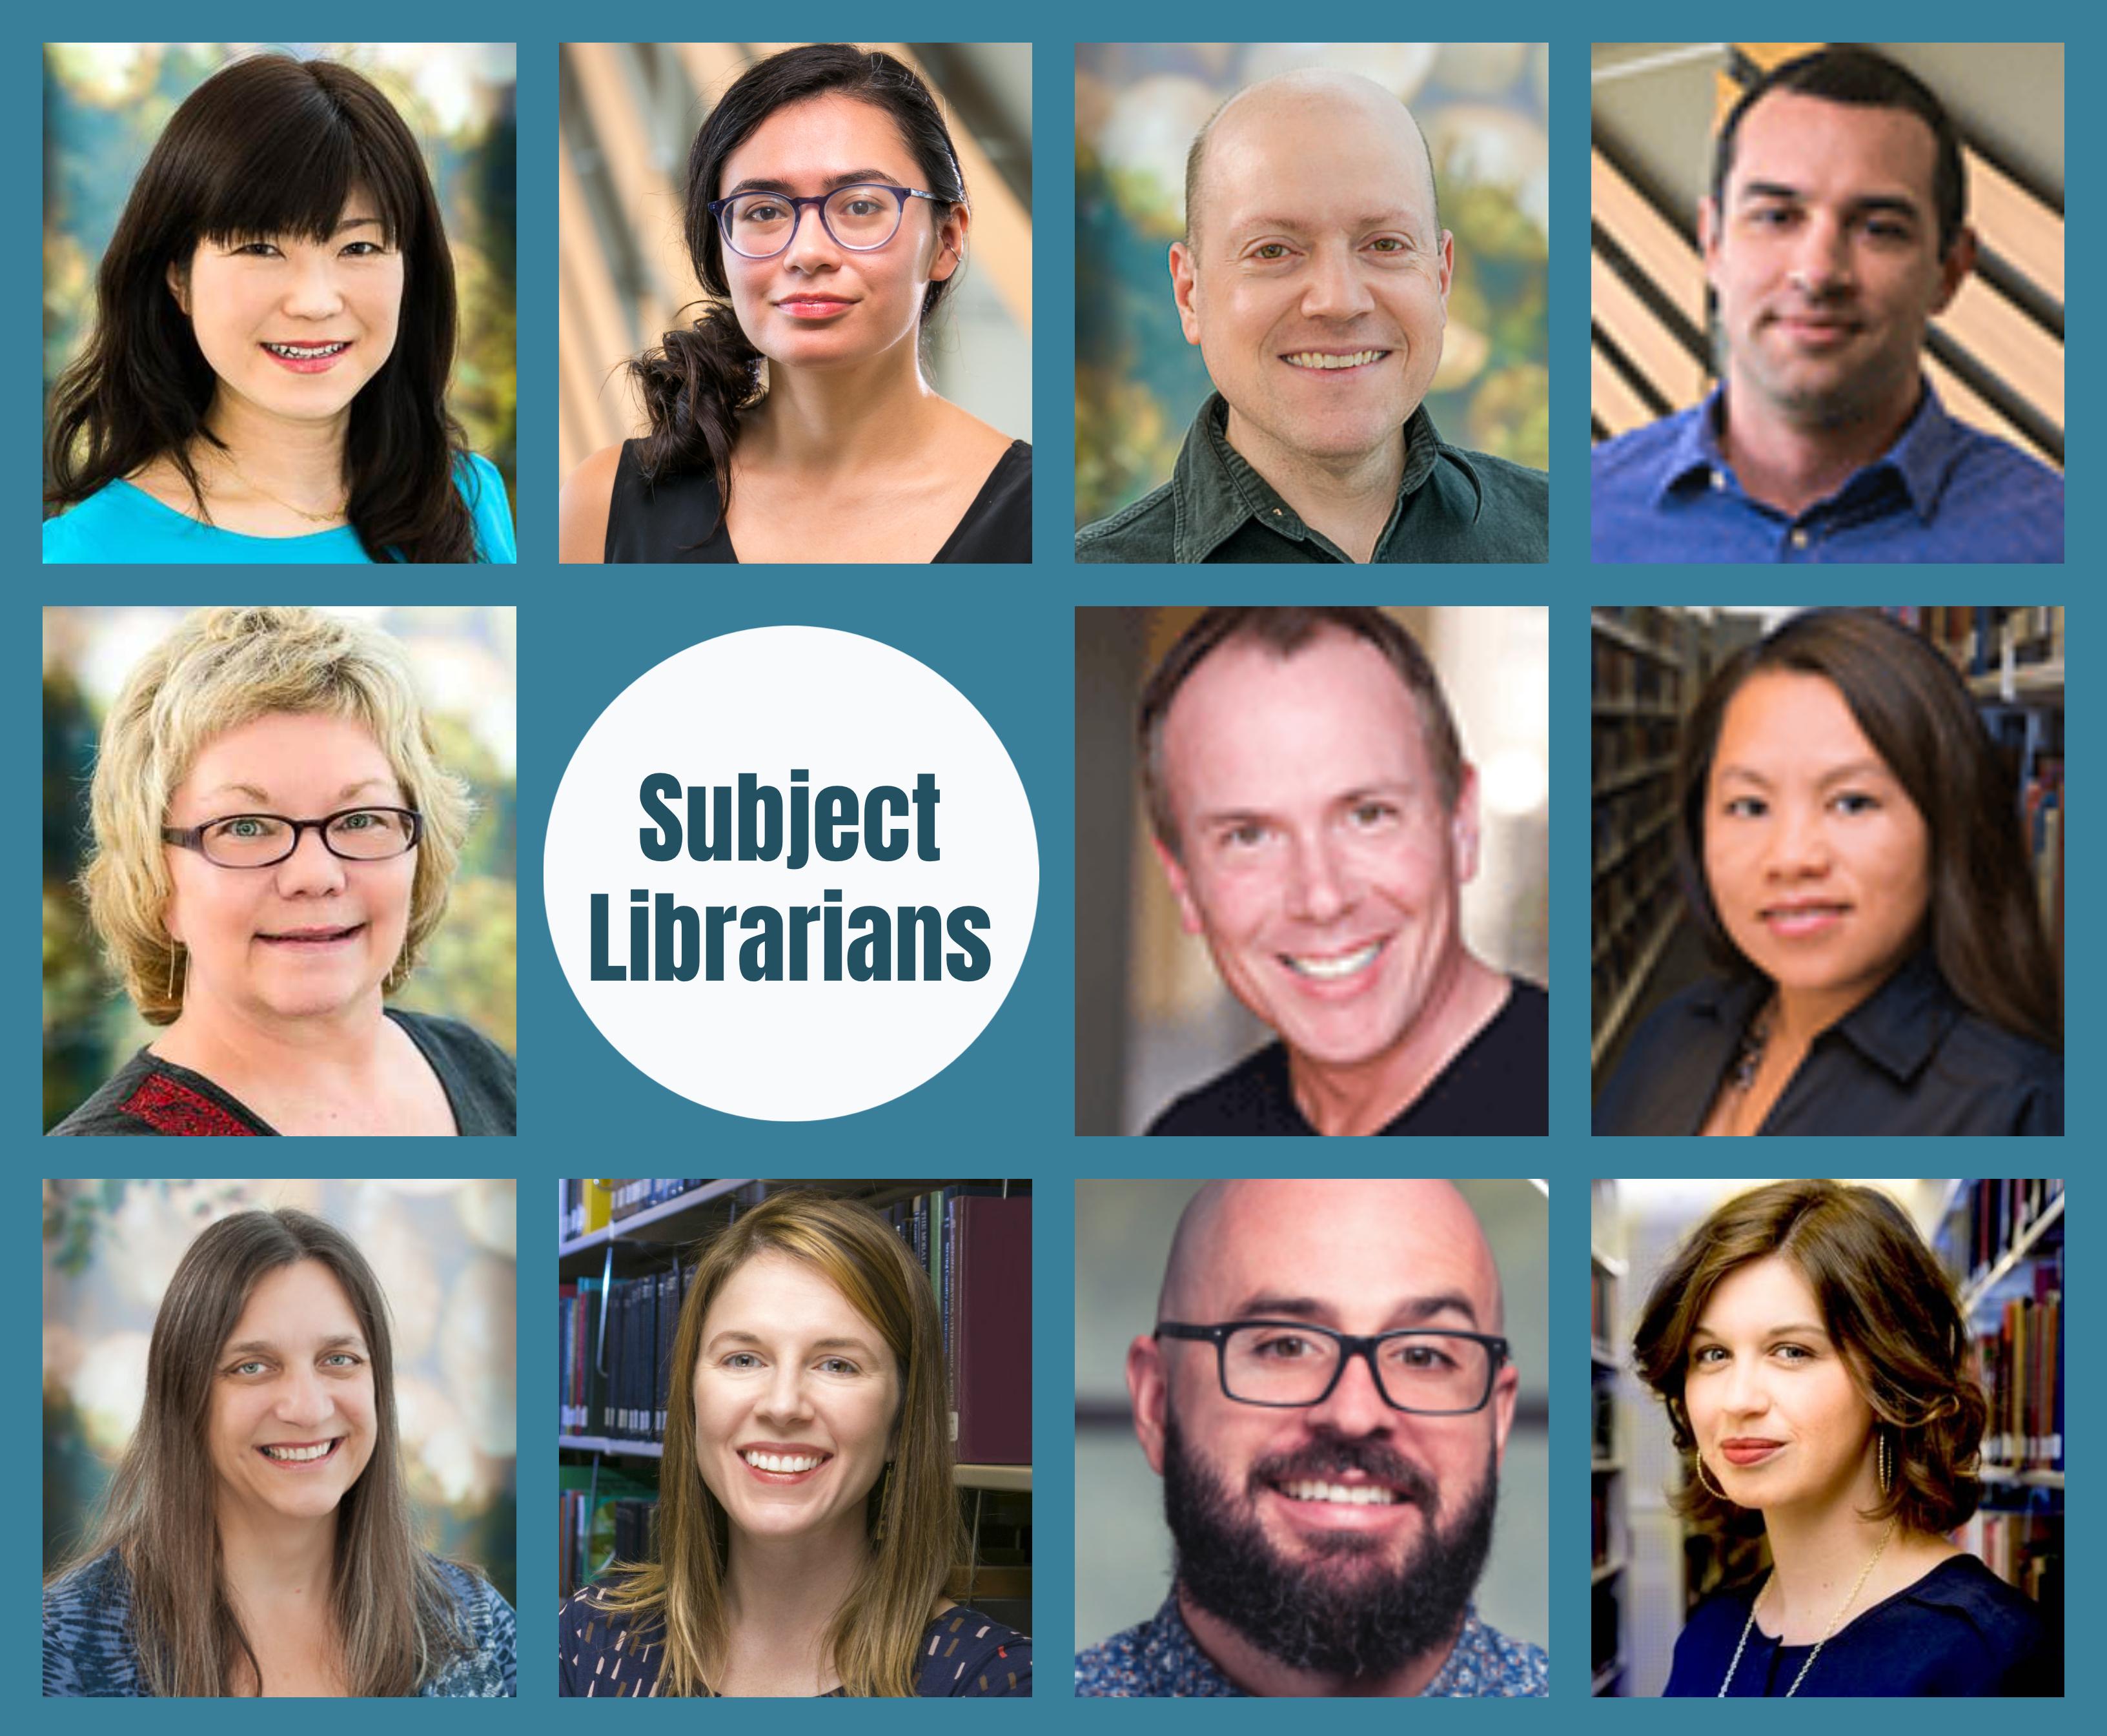 Subject librarians - photos